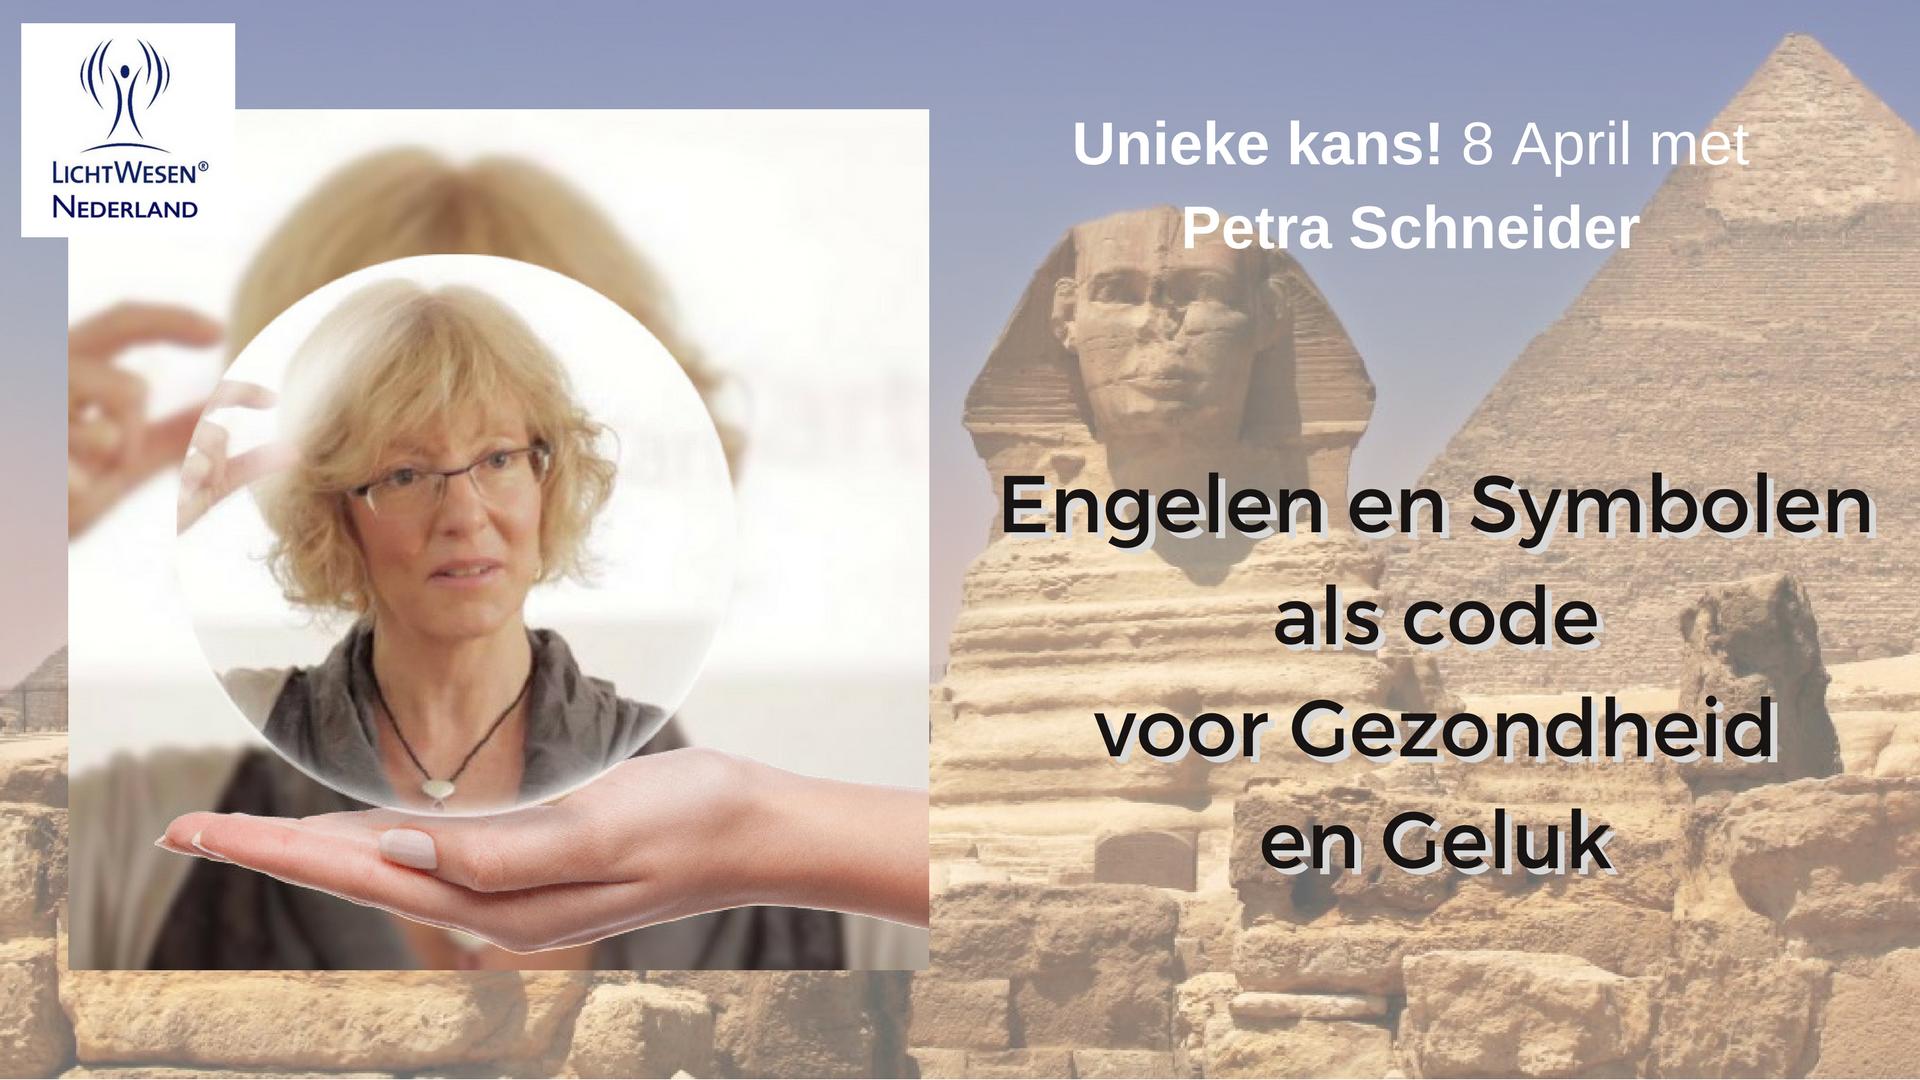 Engelen en Symbolen door Petra Schneider